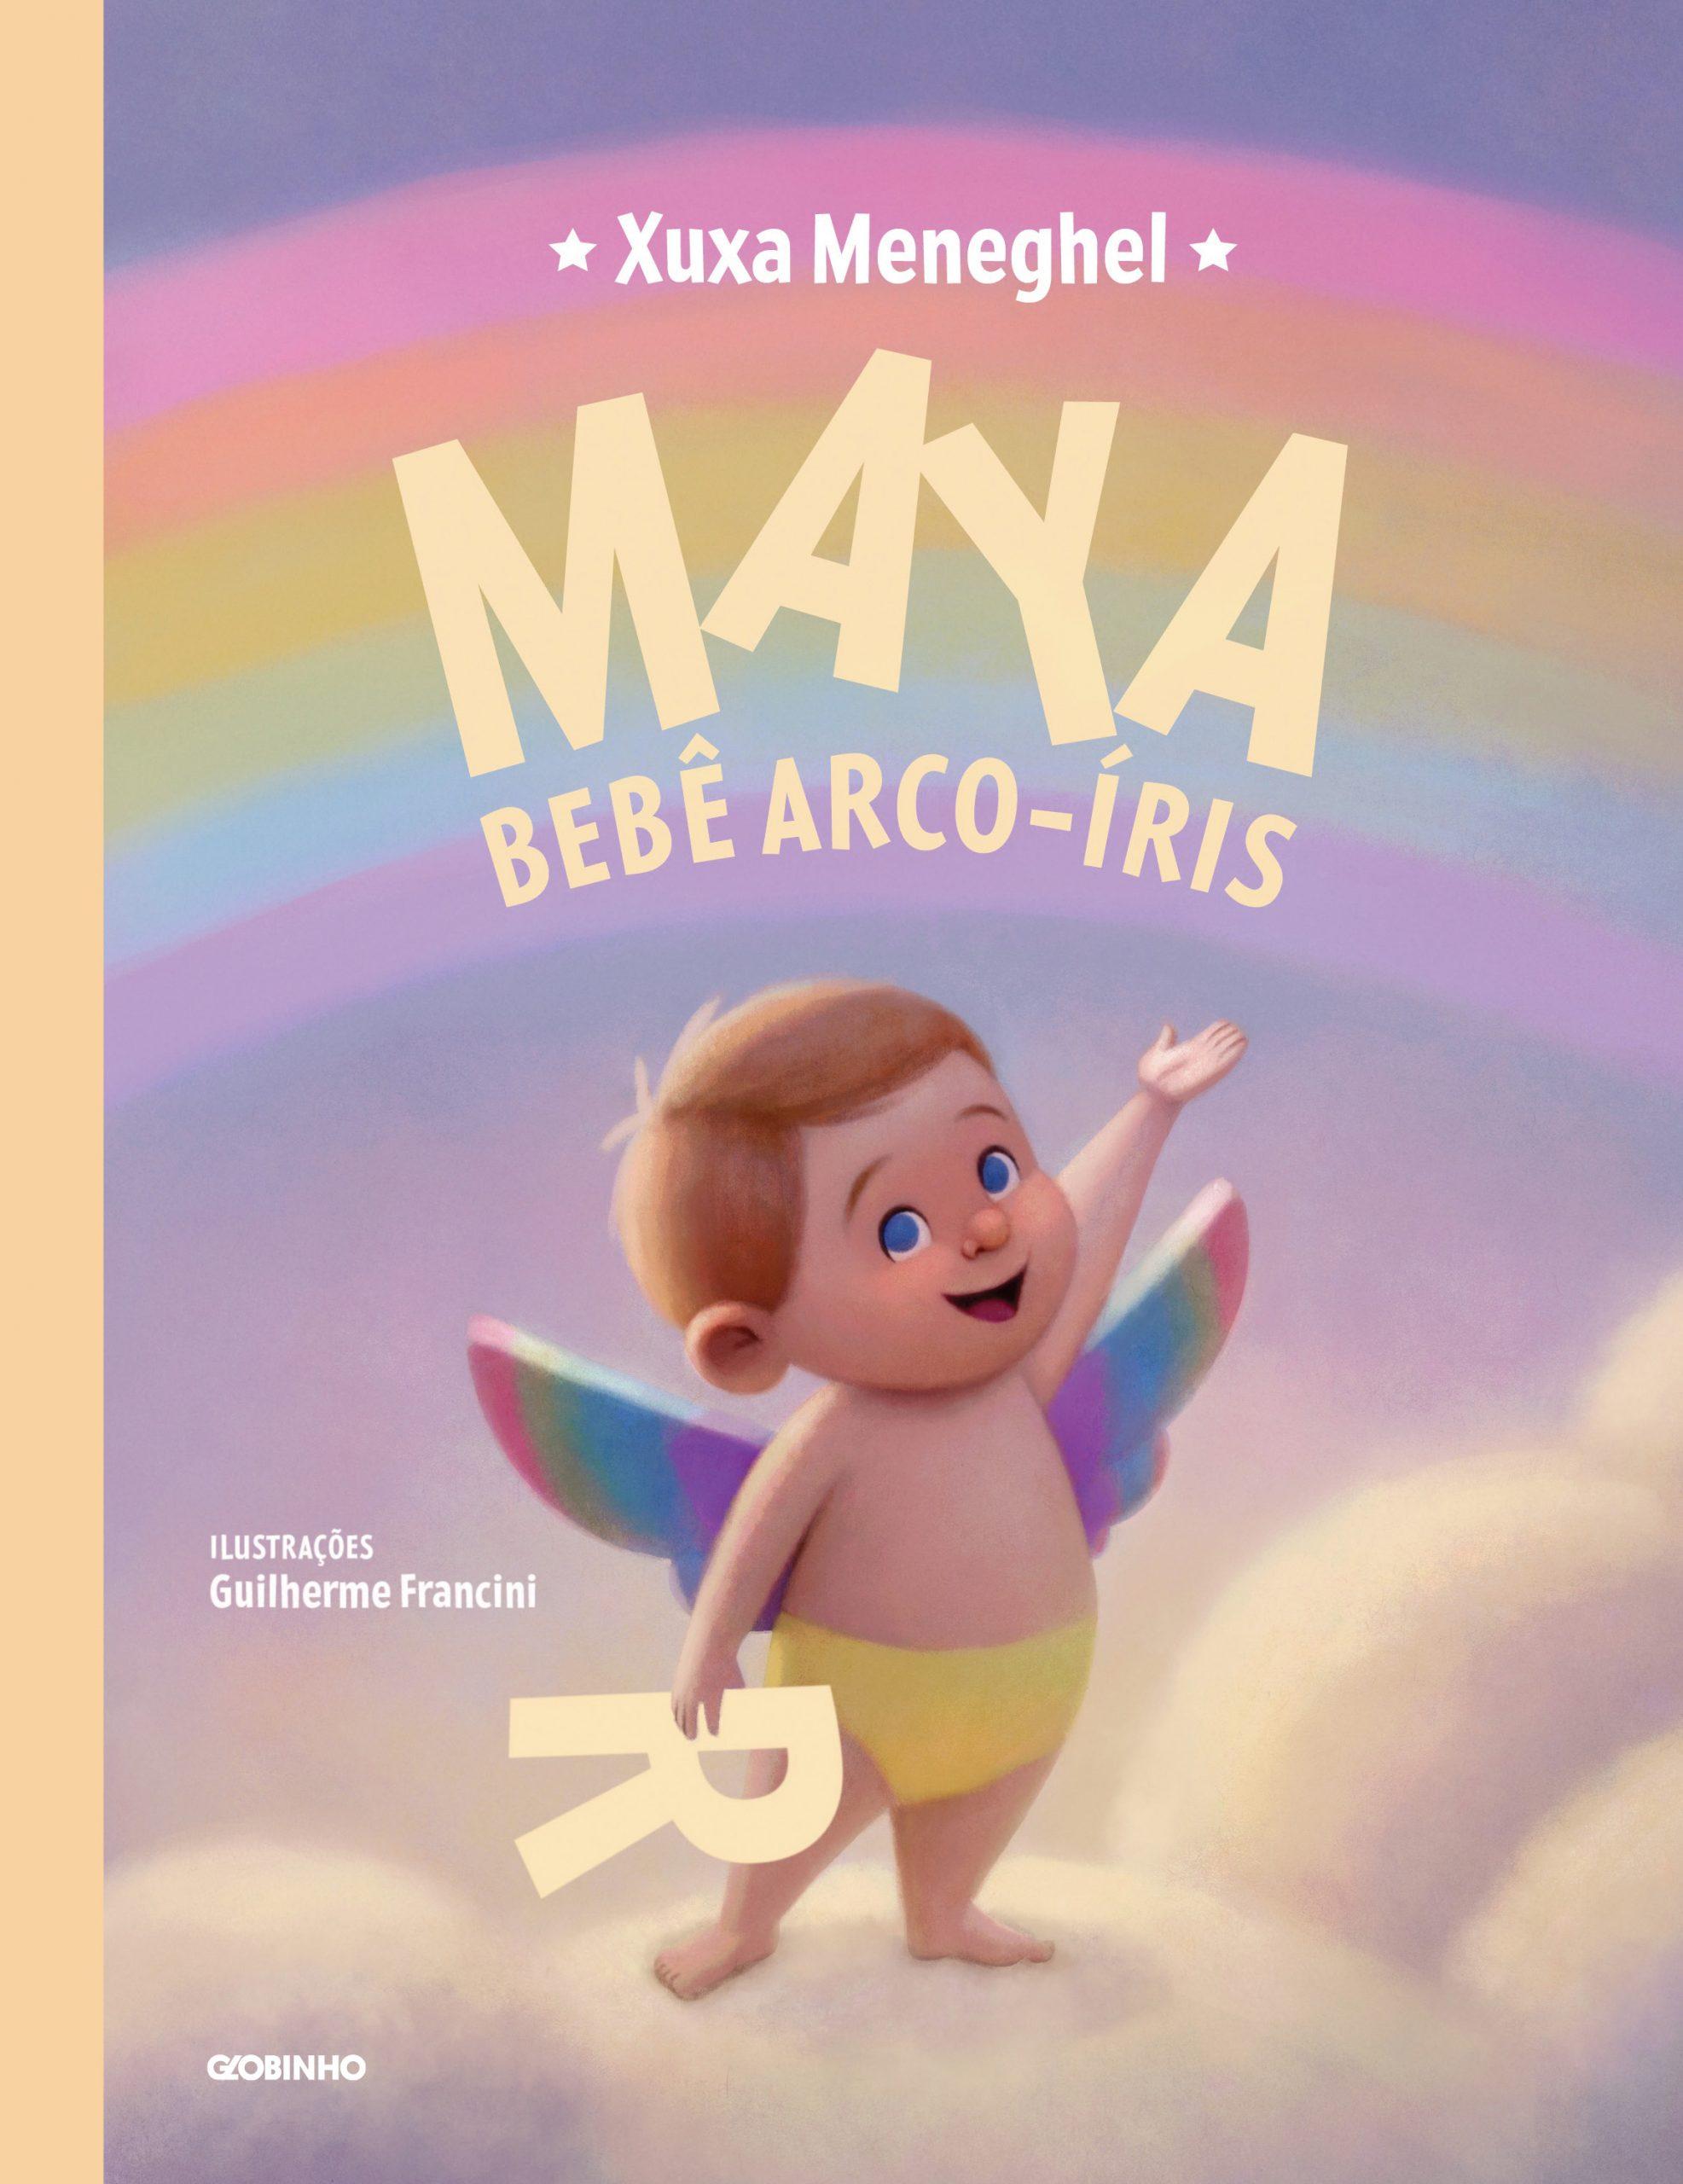 Xuxa revela capa do livro infantil com conteúdo LGBTQIA+